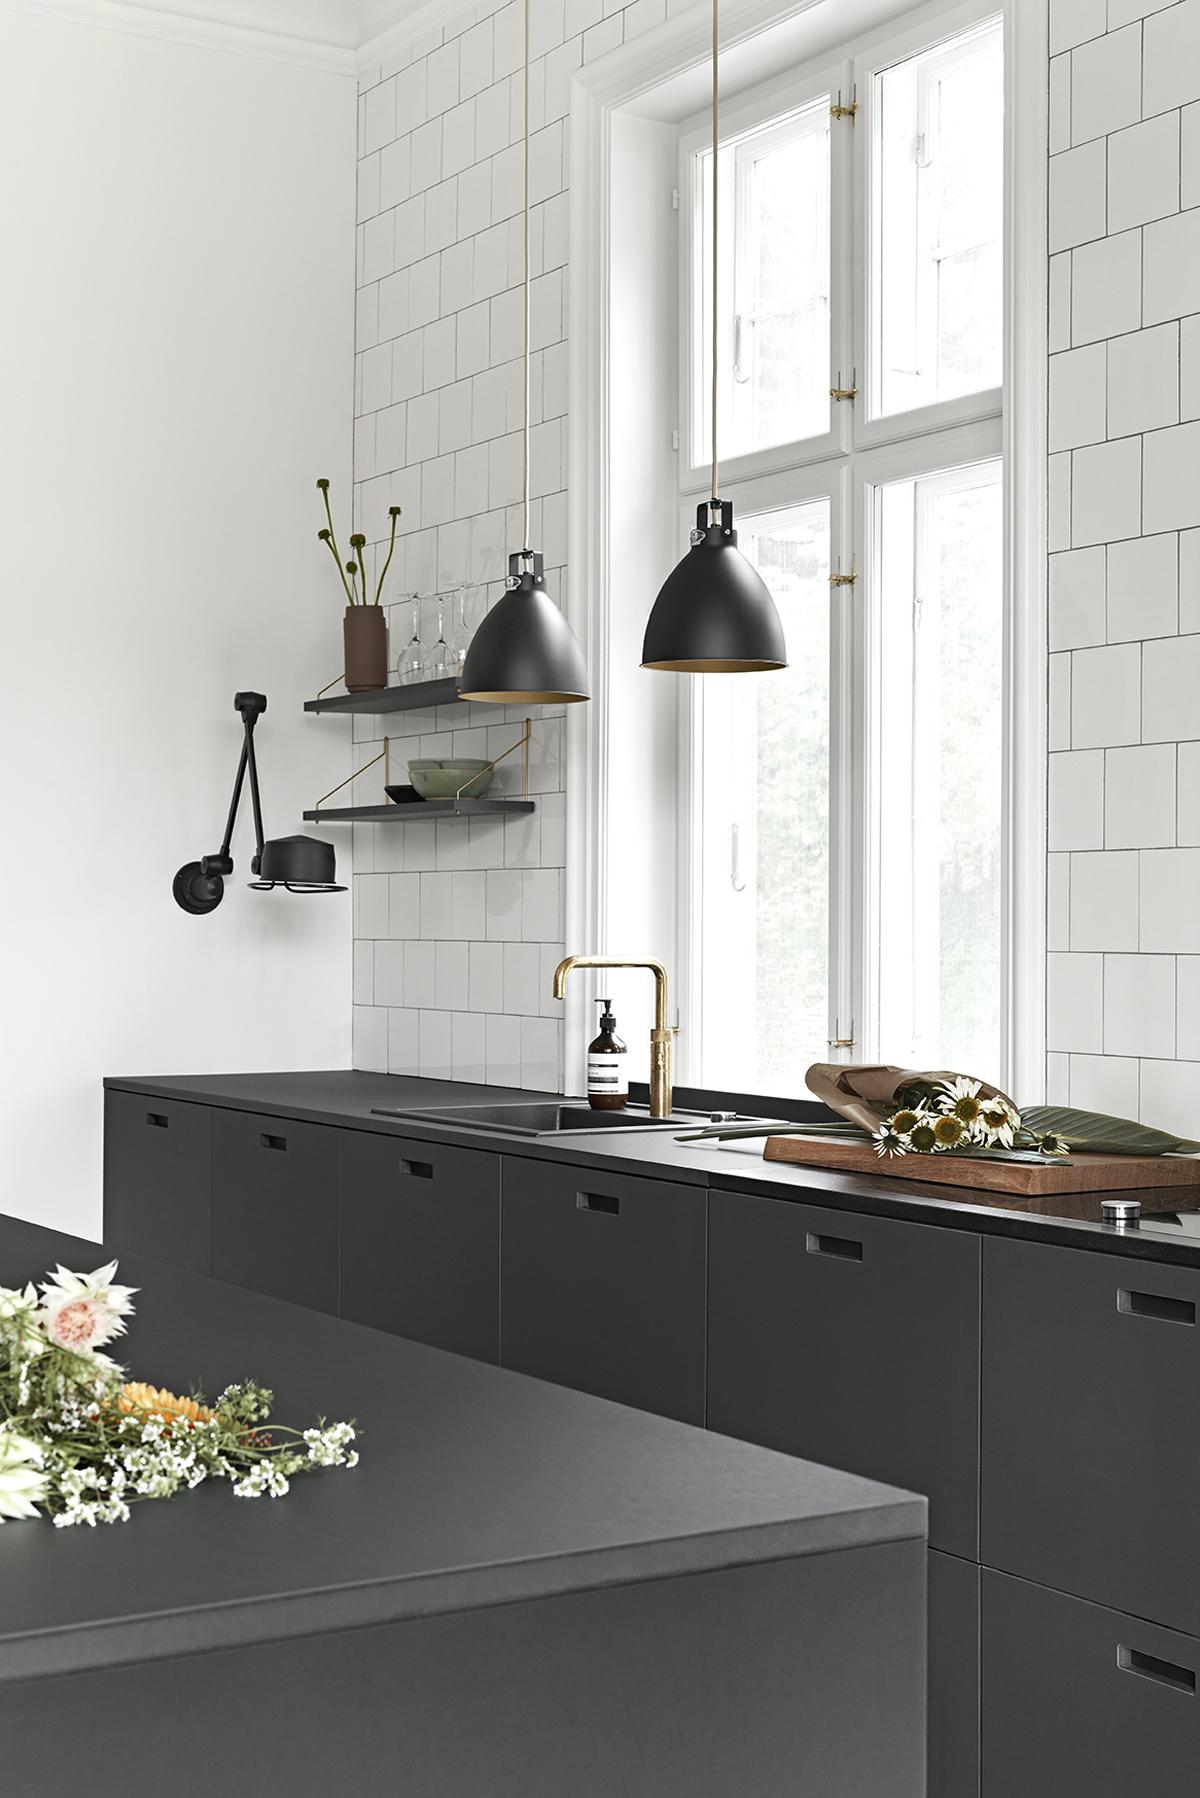 Rubinetti neri per la cucina - Rubinetti design cucina ...